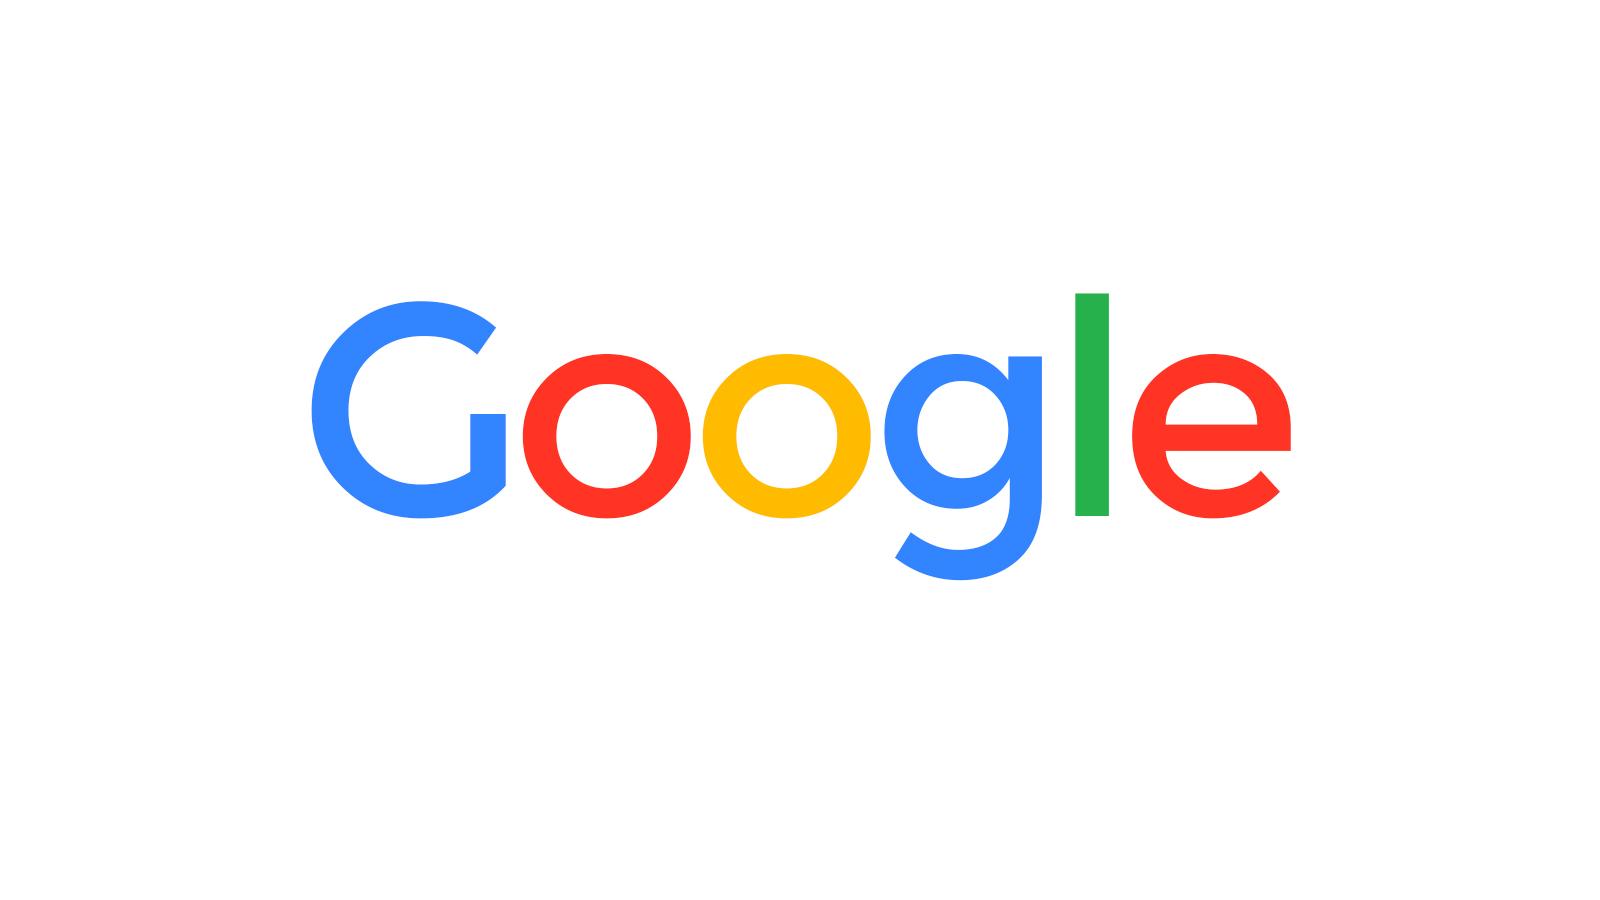 Google Japan公式ブログ・アカウント18選!Googleの最新技術やサービス情報はここで手に入る!